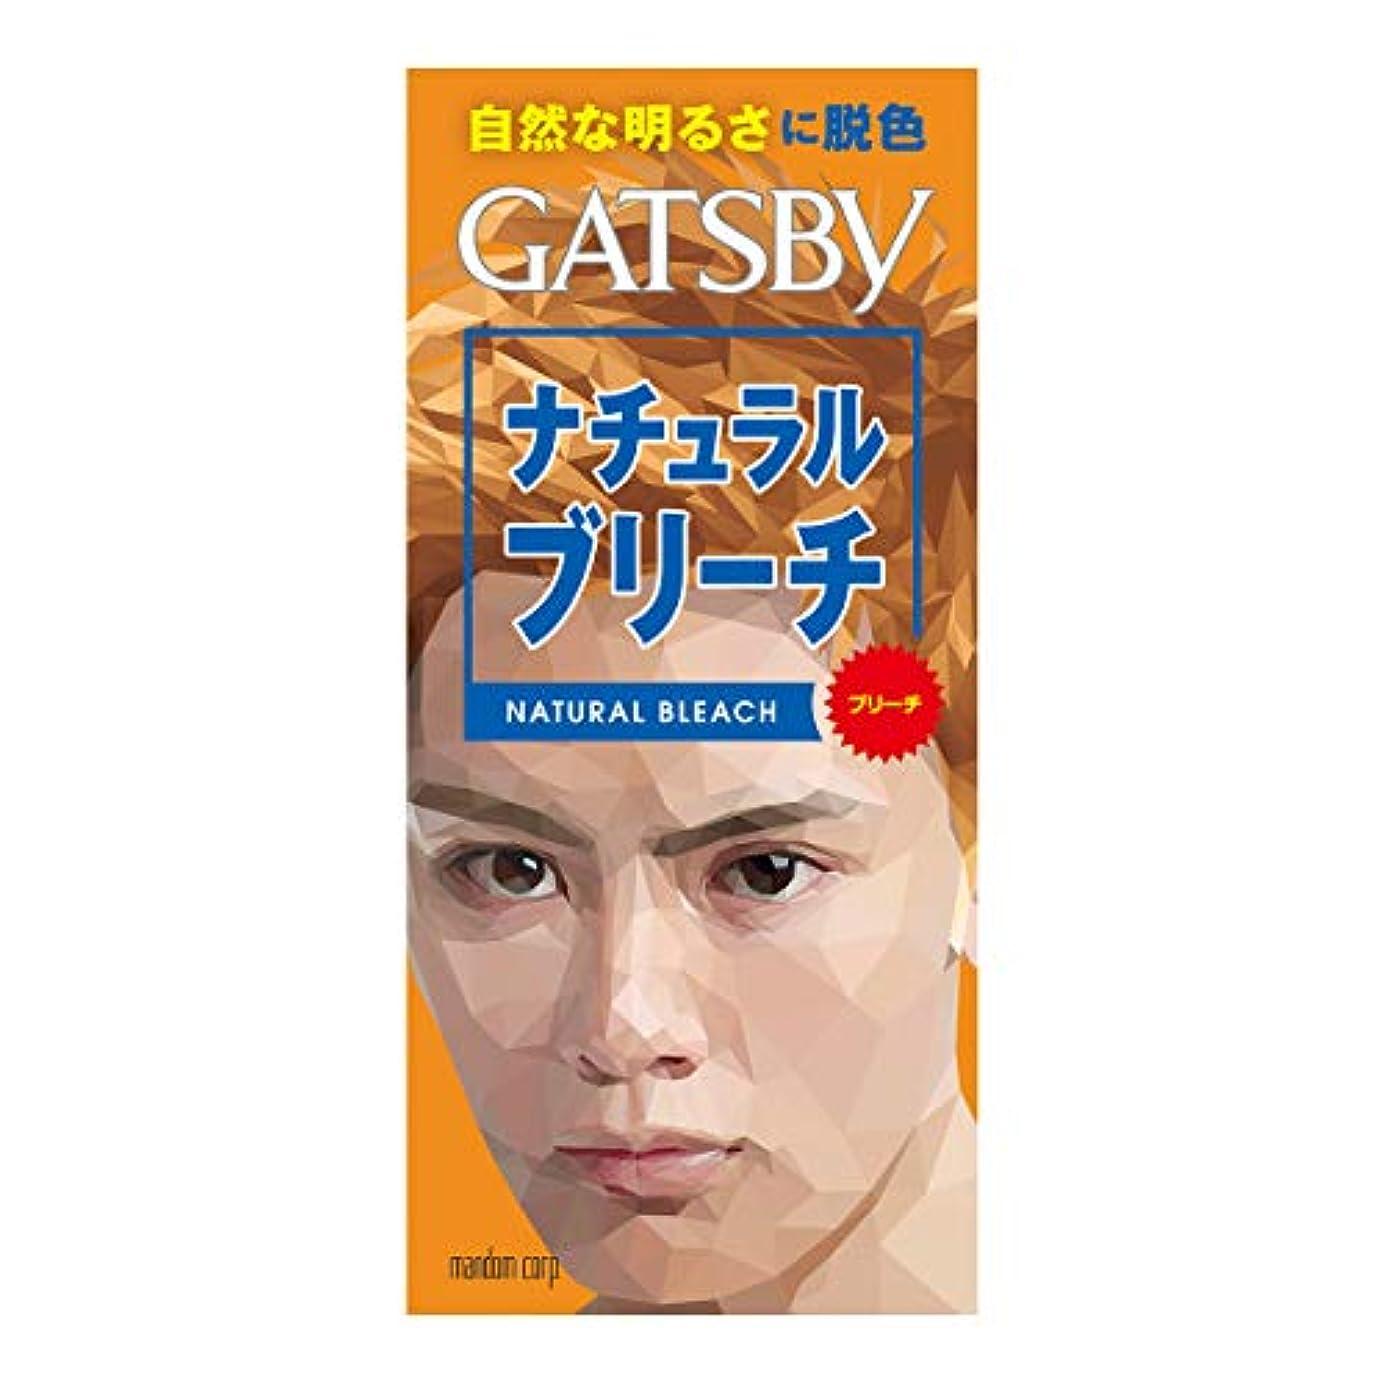 タッチ物理不名誉なギャツビー ナチュラルブリーチ 【HTRC5.1】